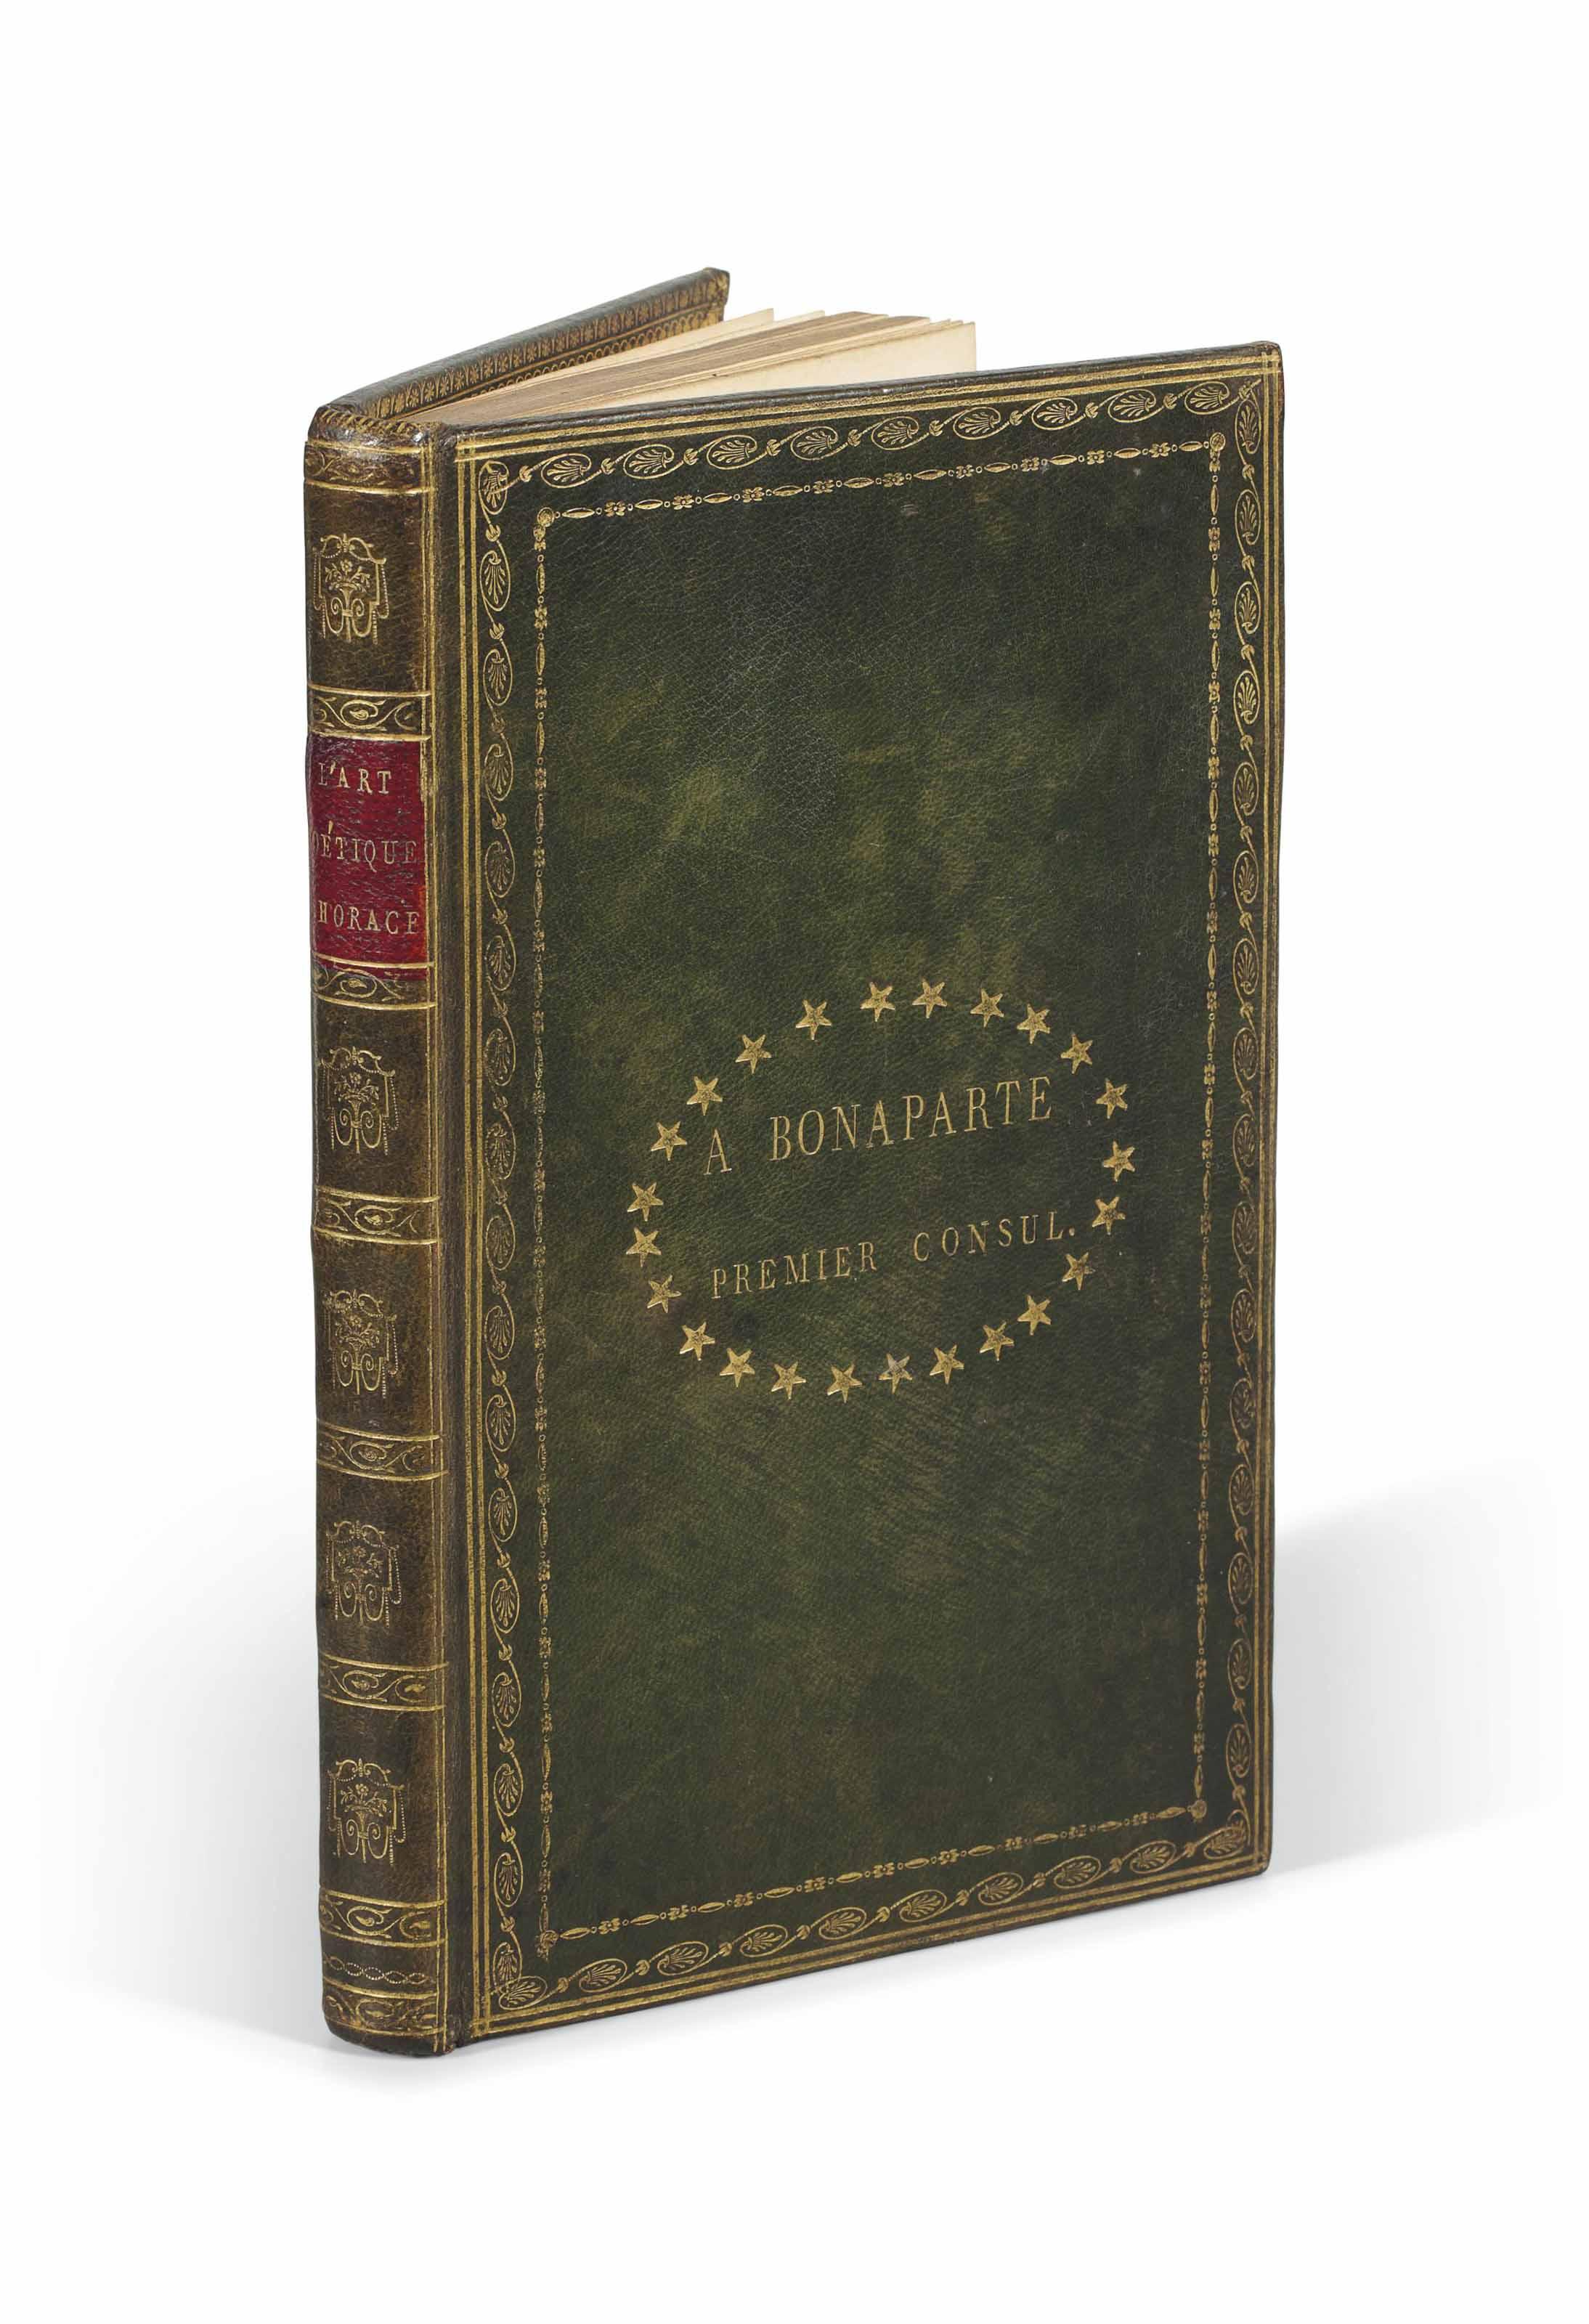 NAPOLEONICA] – F M CORNETTE, trad L'Art poétique d'Horace, ...